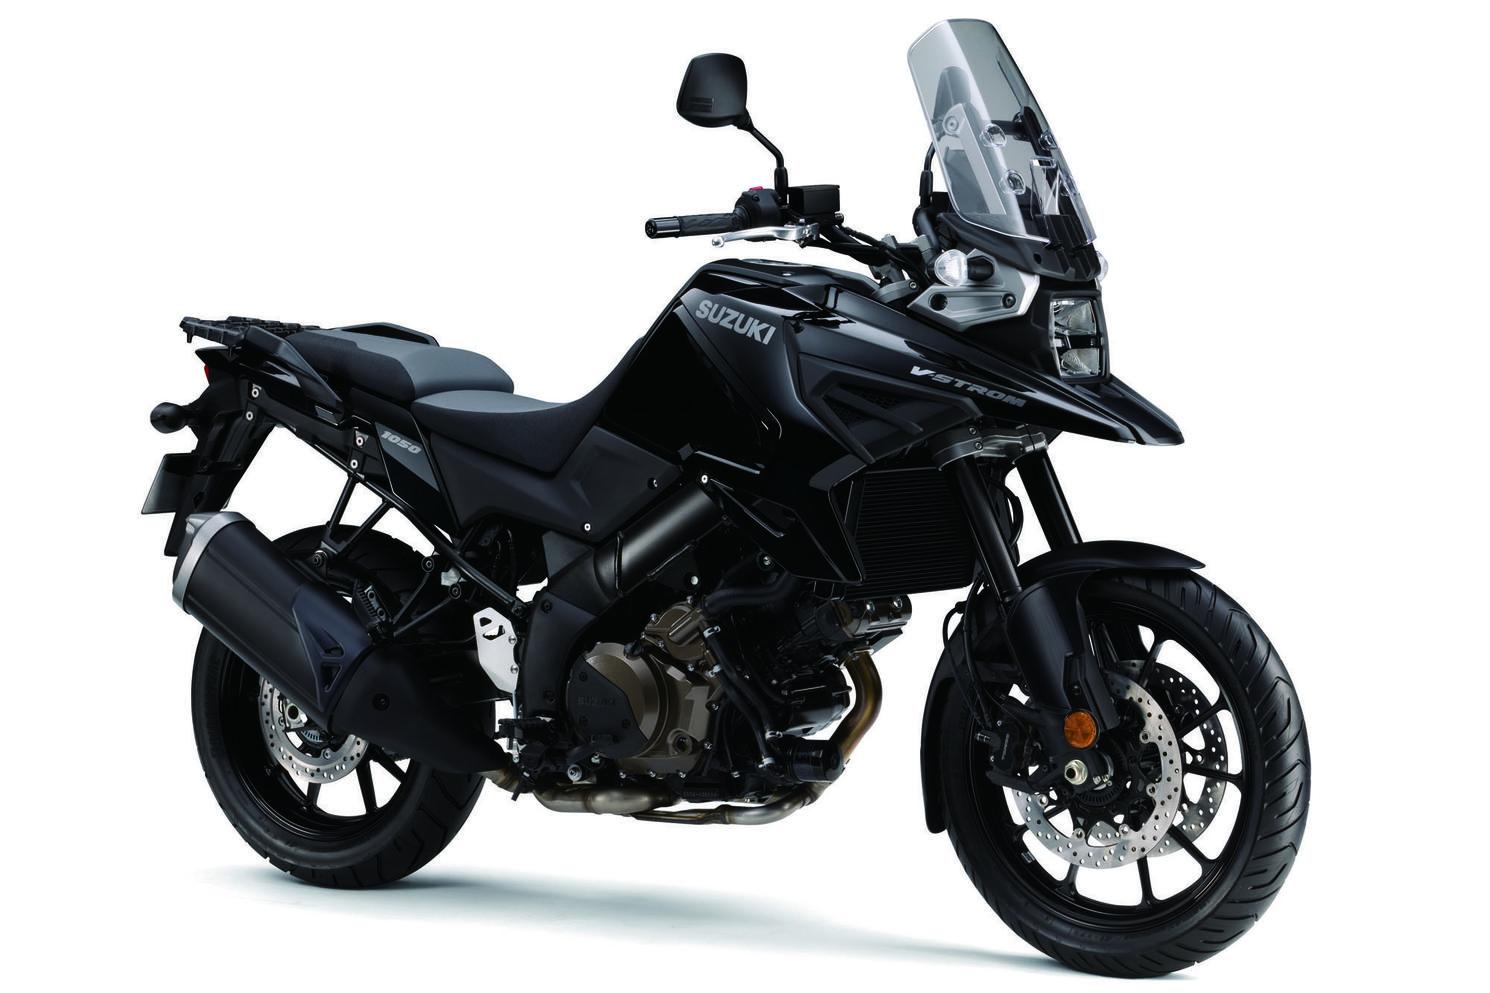 2020 Suzuki V-Strom 1050A Glass Sparkle Black